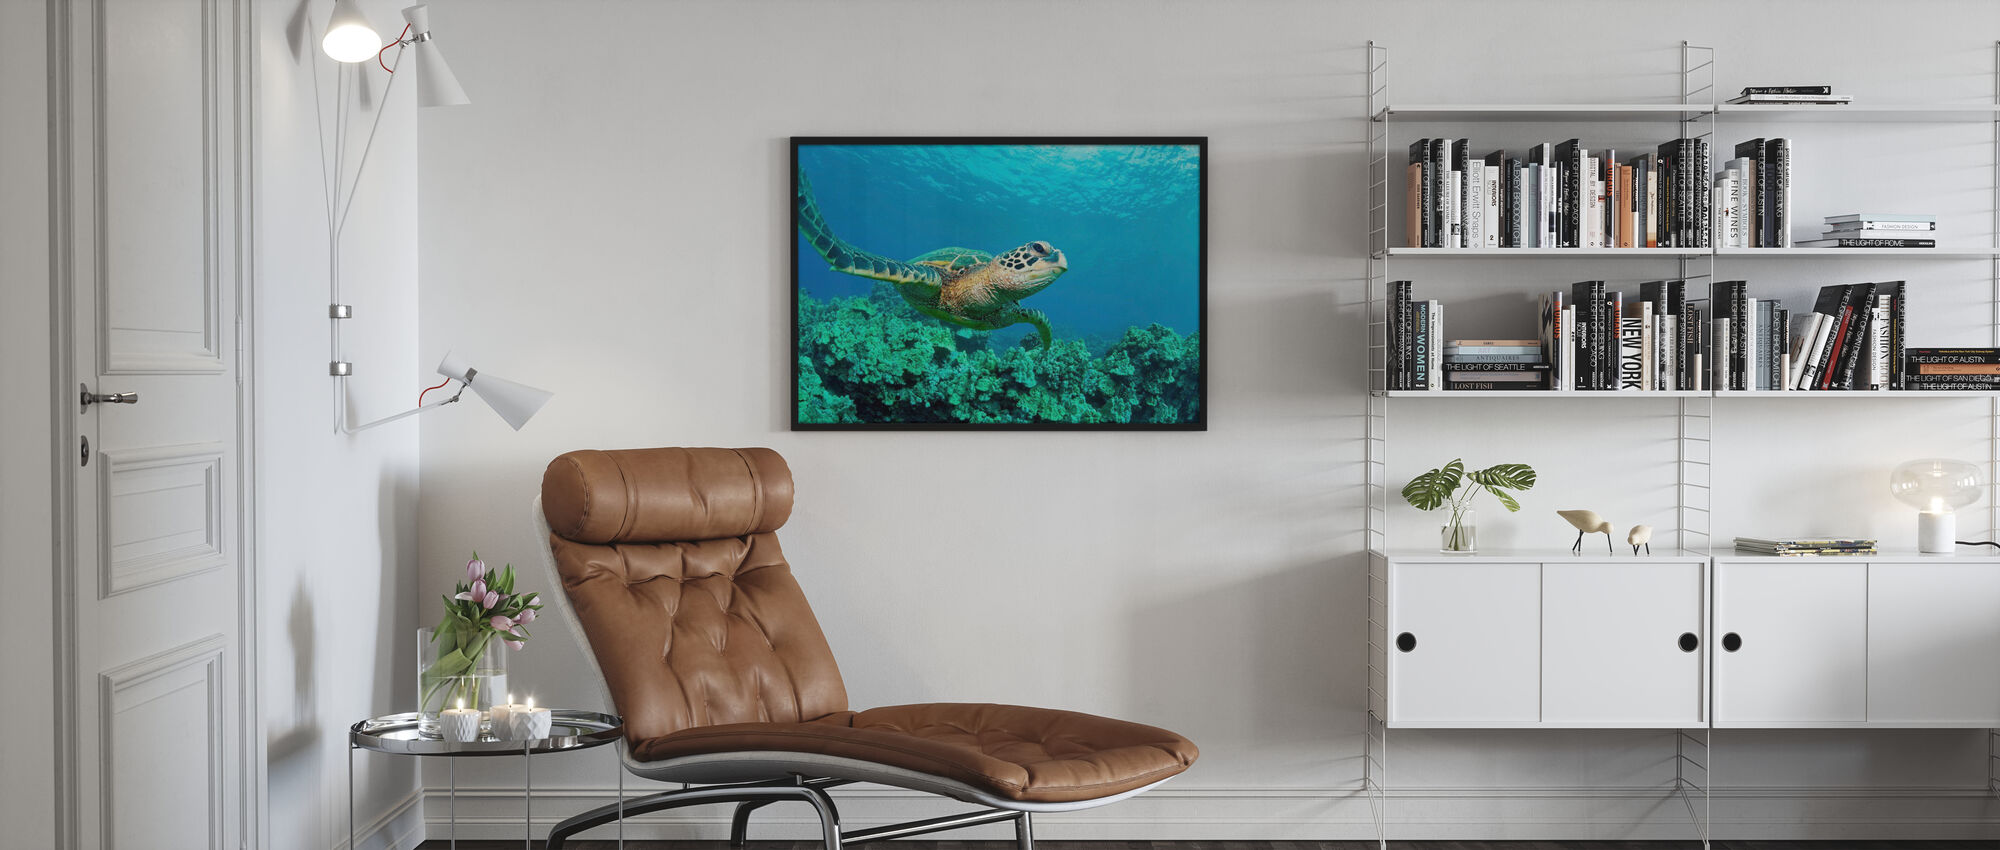 Zeeschildpad in Koraal - Poster - Woonkamer